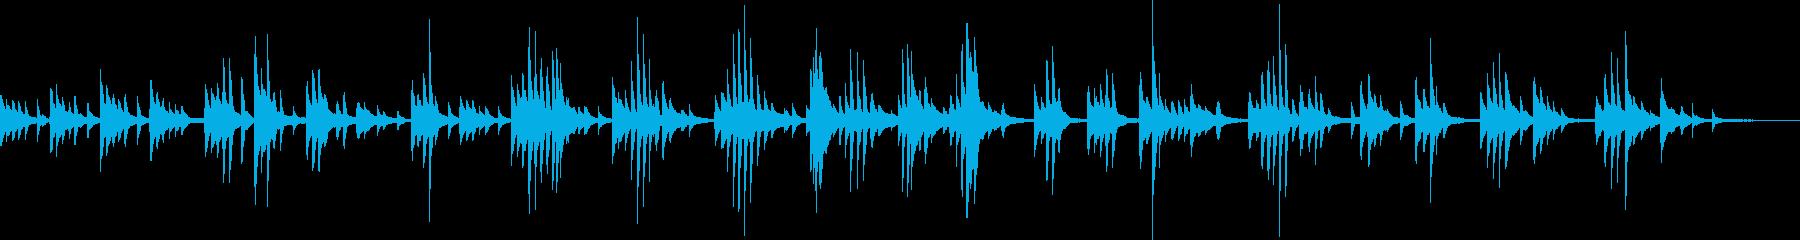 和風の切ないピアノBGM(幻想的・儚い)の再生済みの波形